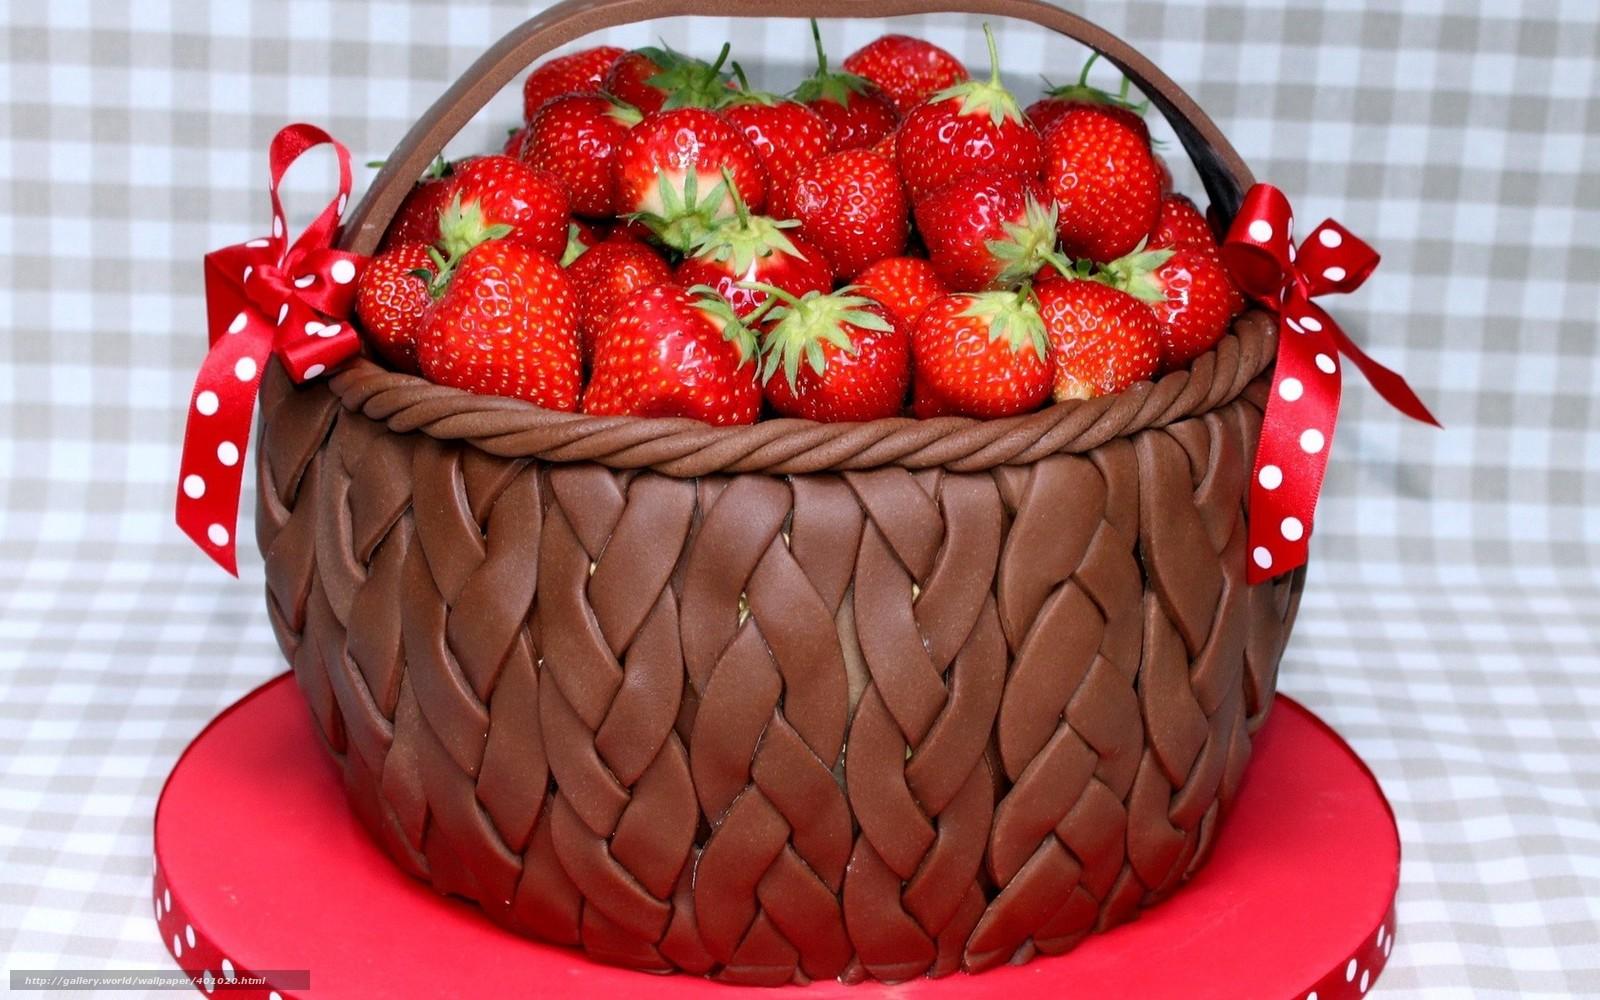 Скачать обои еда,  пища,  ягоды,  клубника бесплатно для рабочего стола в разрешении 1680x1050 — картинка №401020